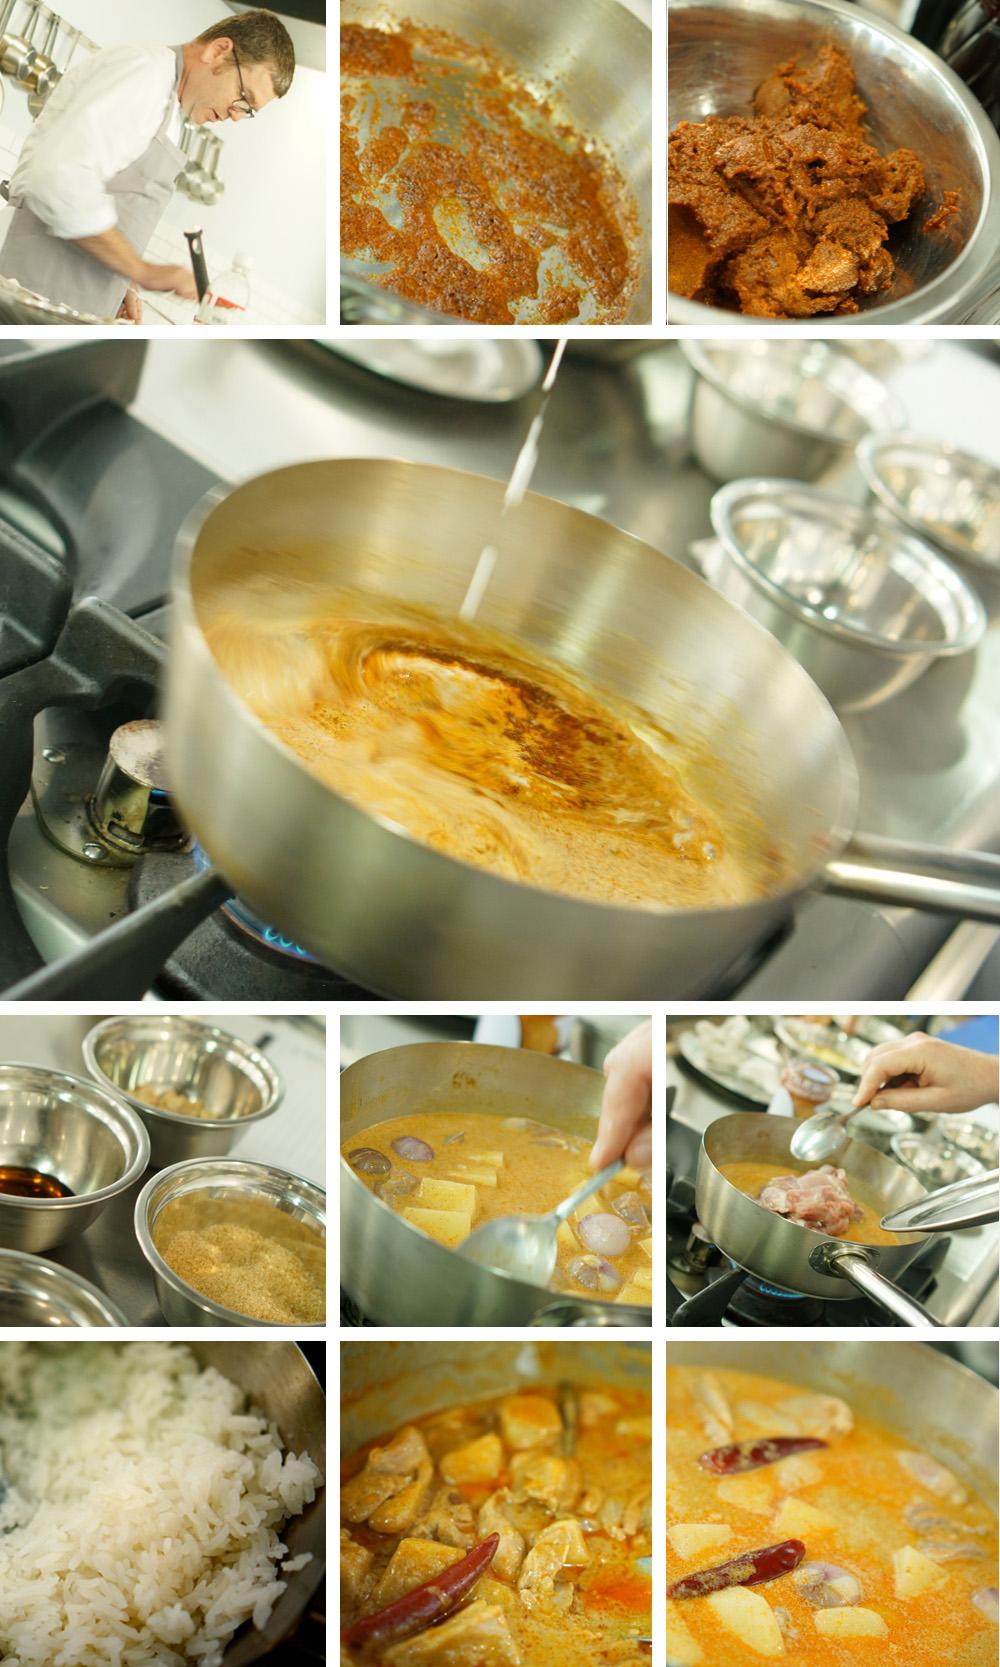 עוף ברוטב מסאמן, גבישס, בלוג האוכל של מירב גביש